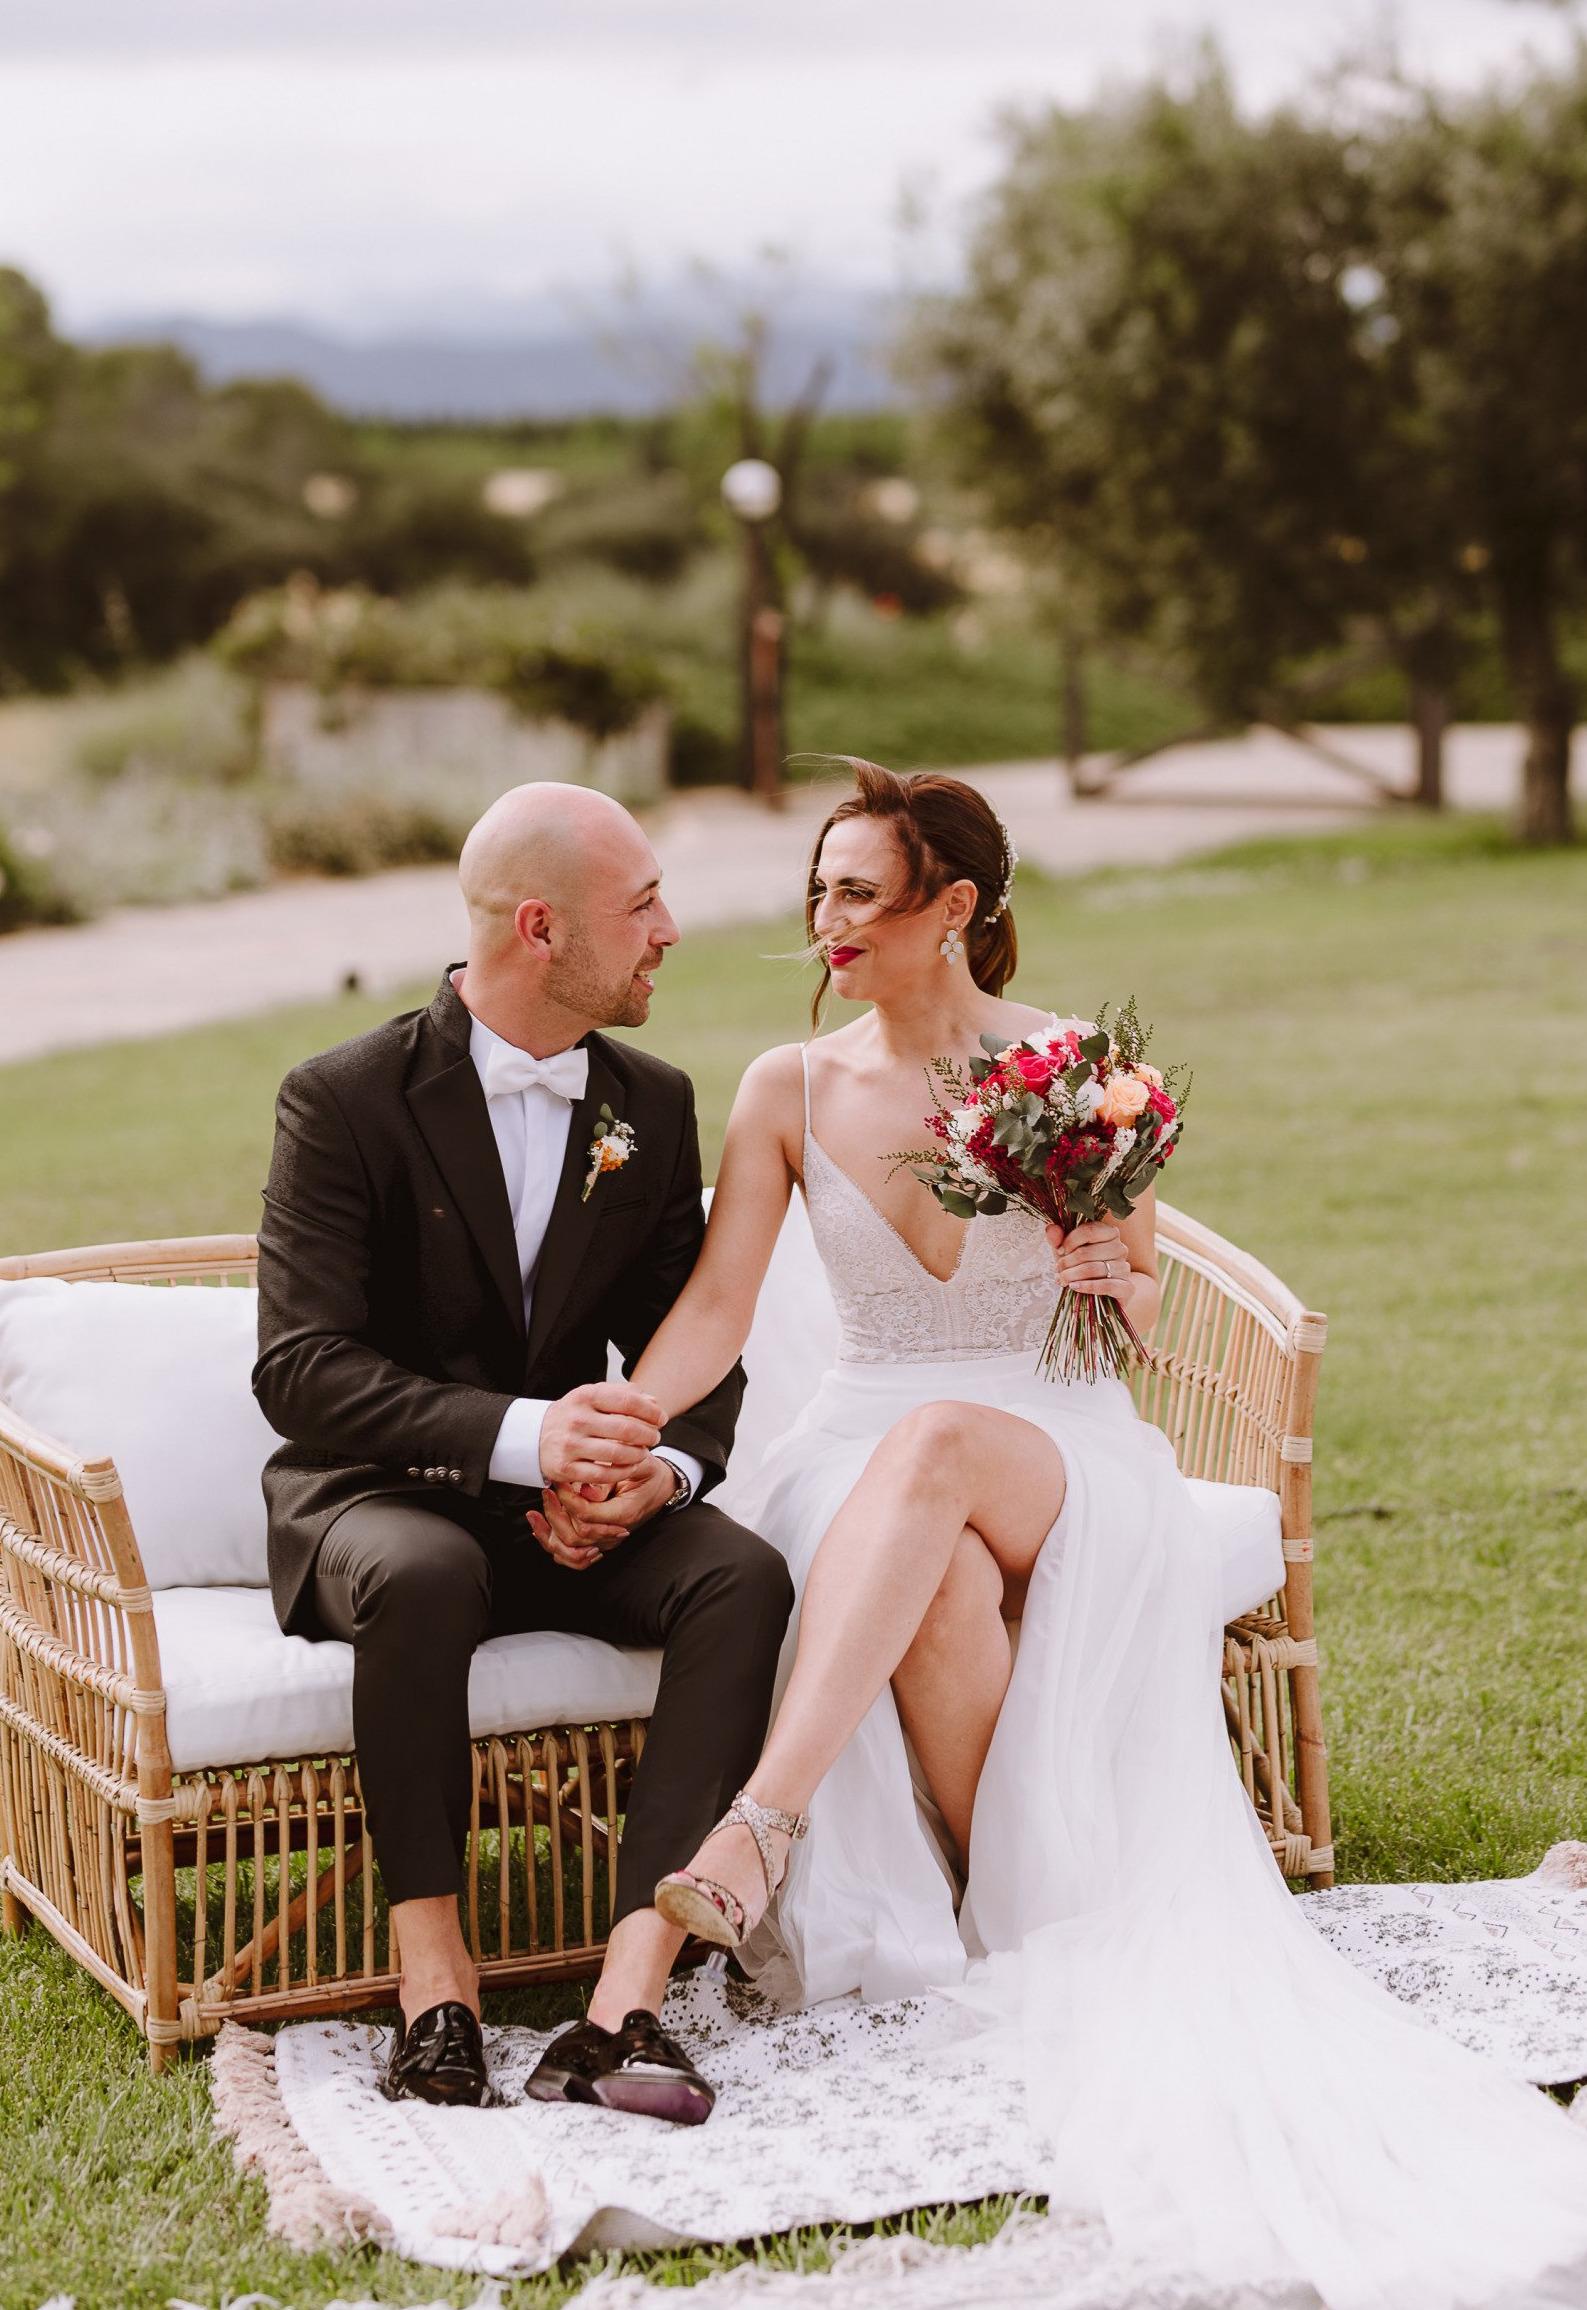 fotografo-de-boda-en-girona-masia-mas-terrats